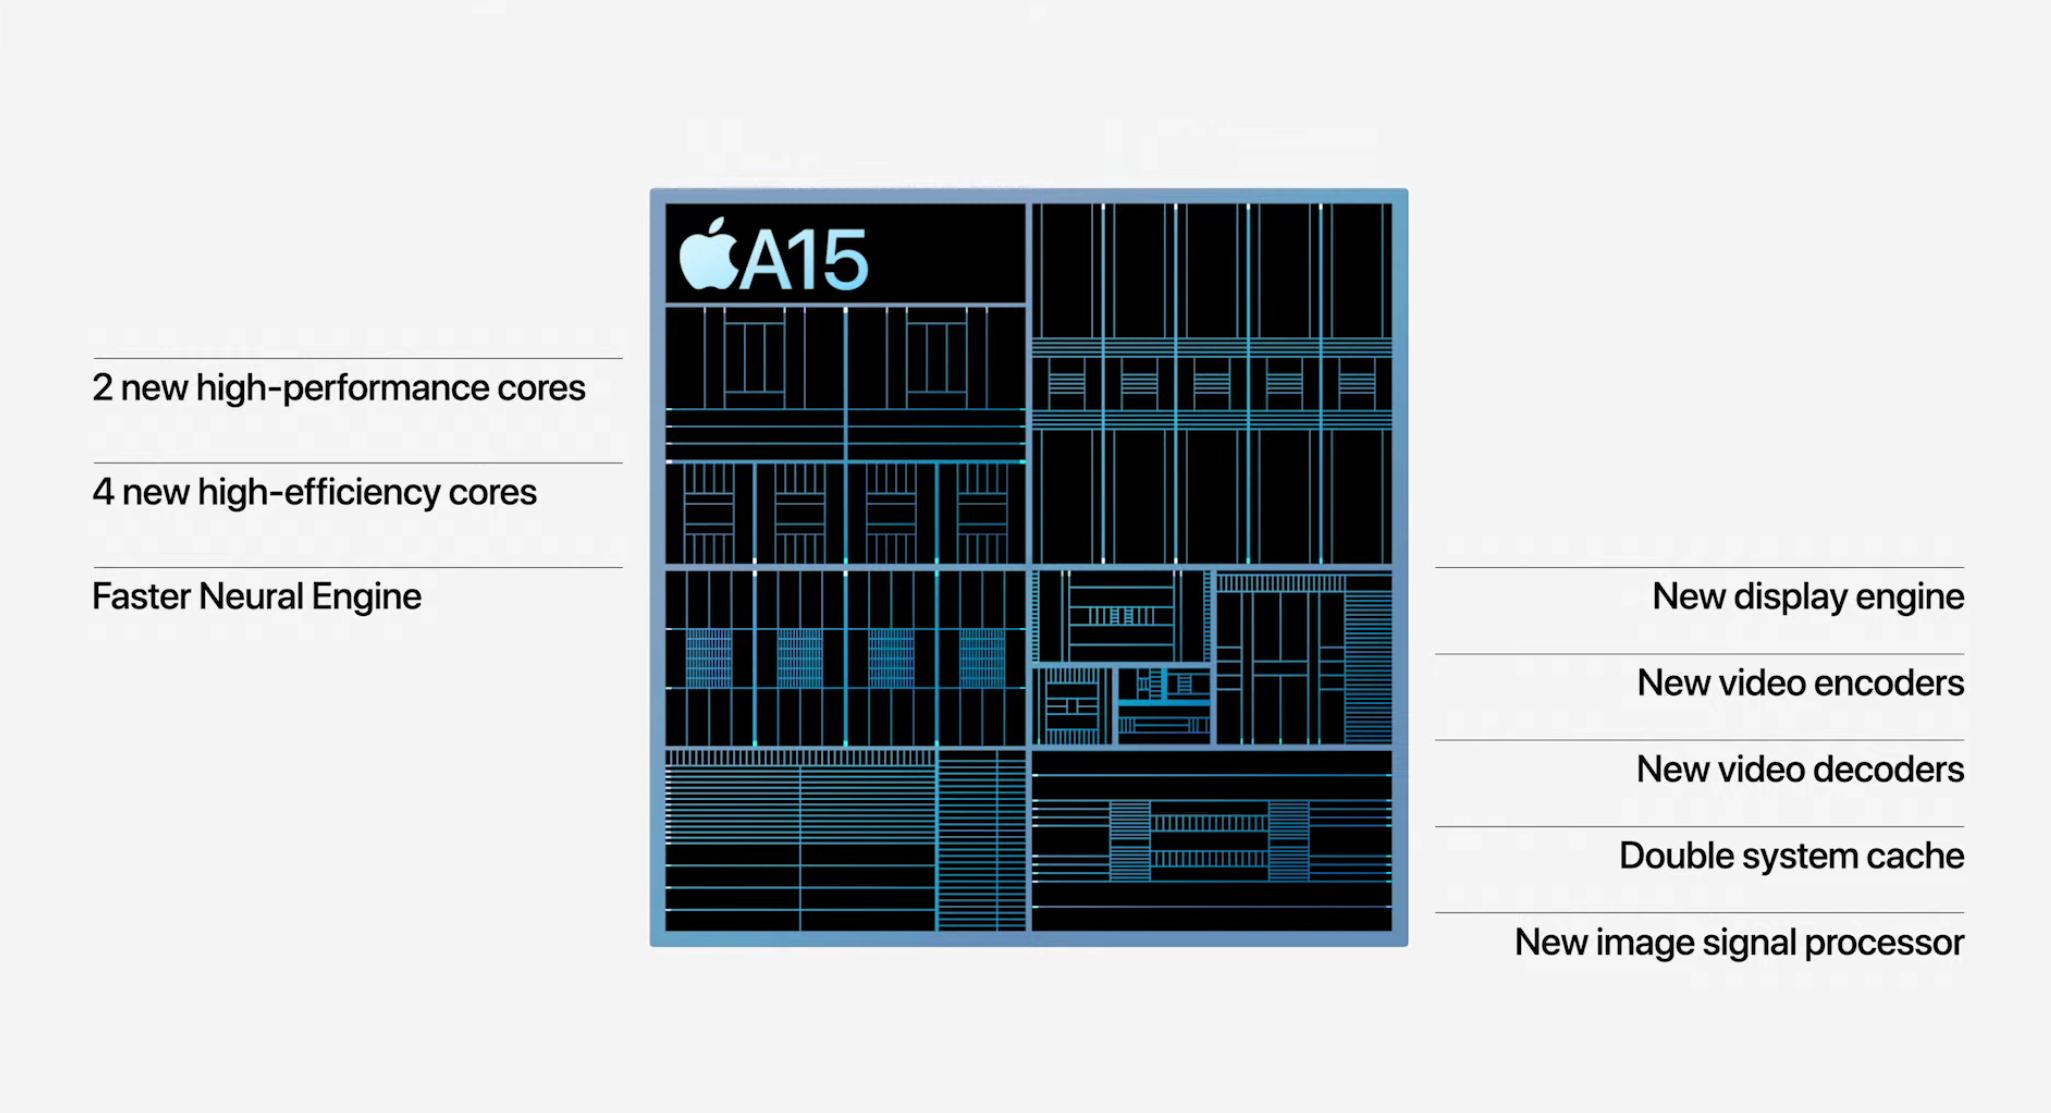 苹果发布会三大亮点:5纳米A15芯片、120Hz屏幕刷新率、片子级摄像头  刷新率 ipad 苹果发布会 数码 苹果公司 iphone 芯片 苹果 第3张